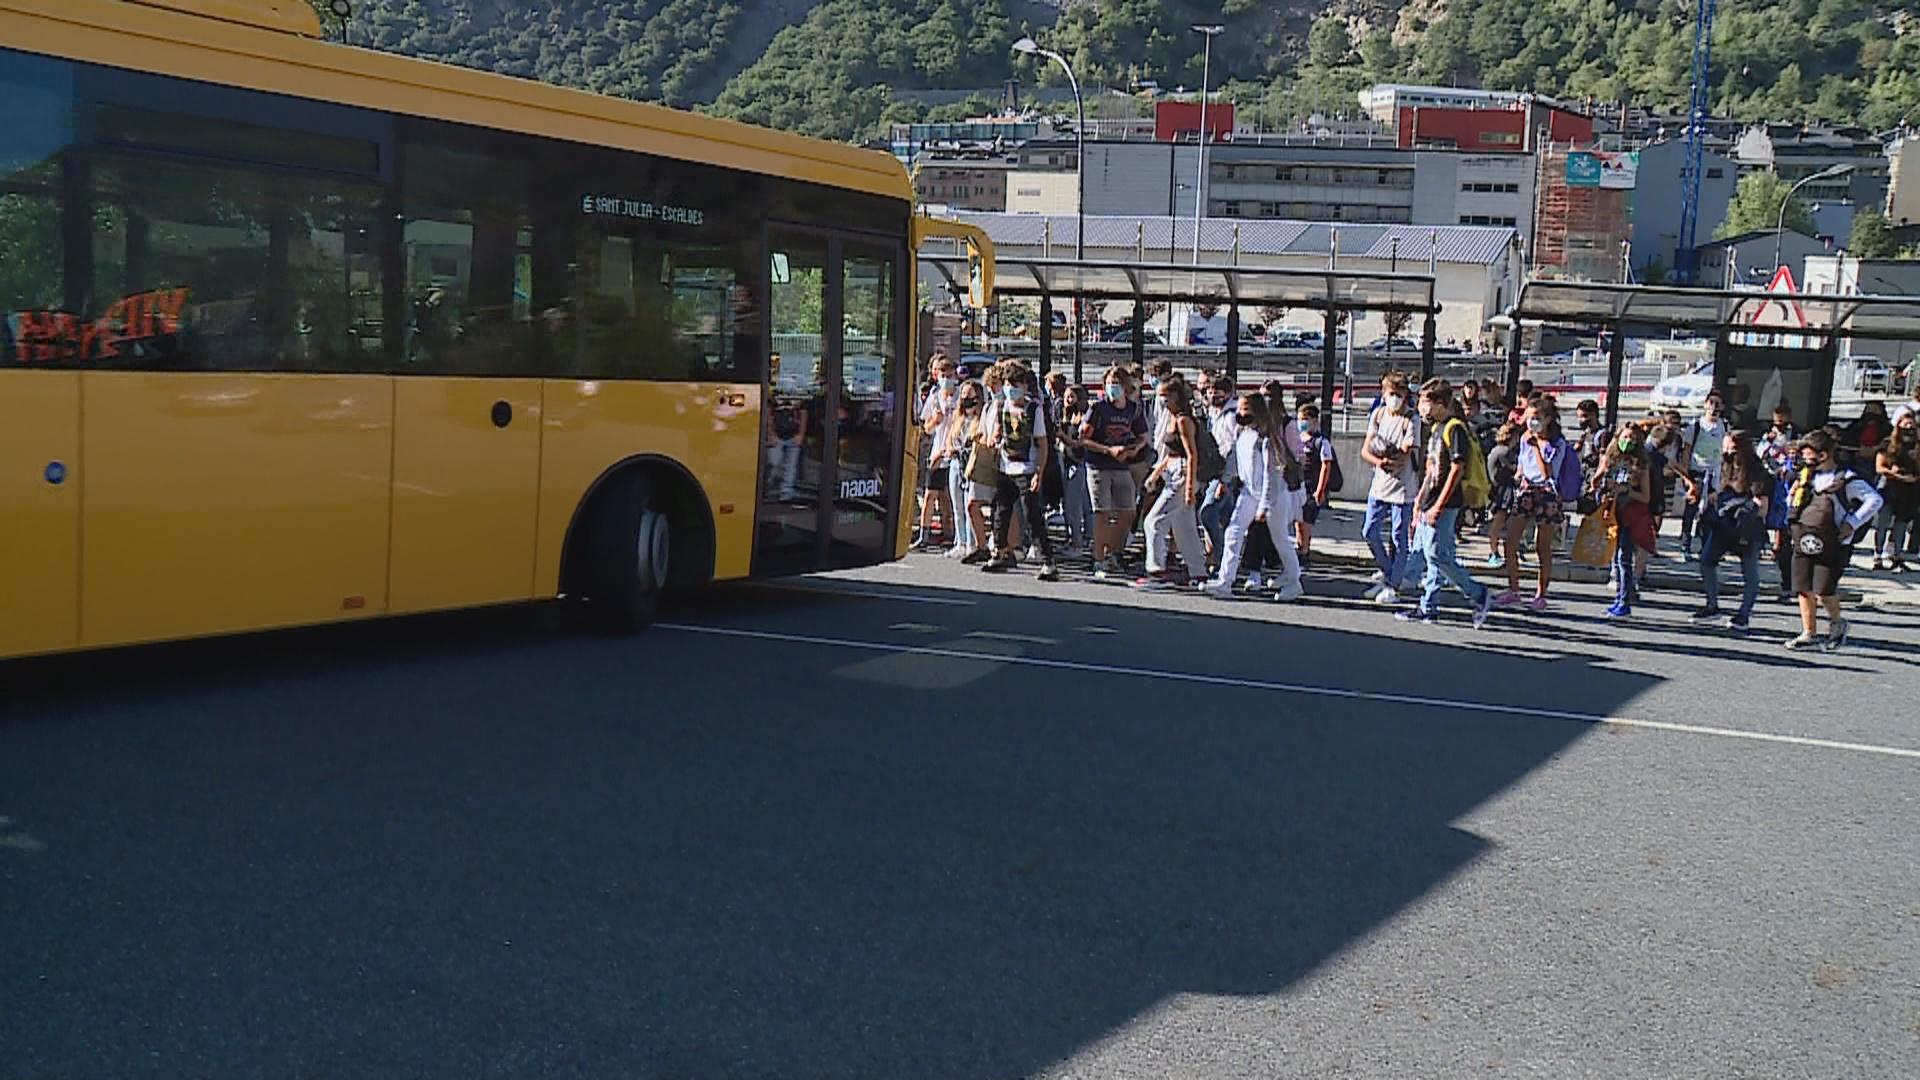 Salut estudiarà com evitar les aglomeracions per agafar el bus lliure